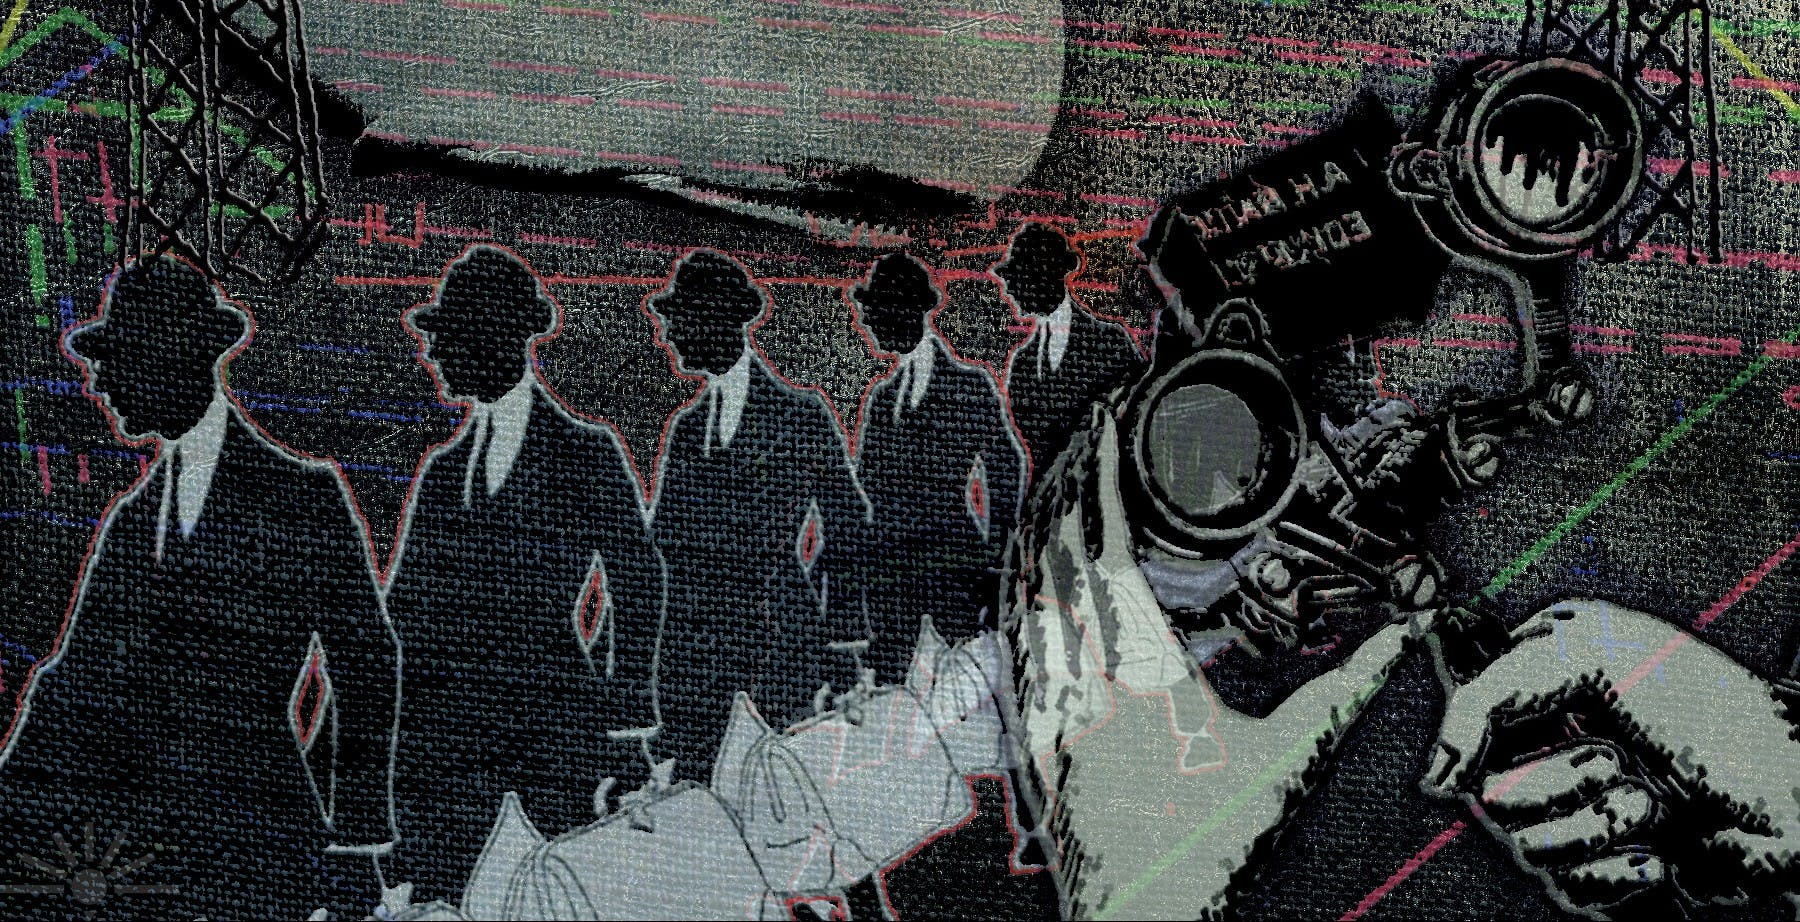 como-a-falta-de-noção-do-governo-militares-e-os-bancos-podem-melar-a-lei-de-dados-pessoais